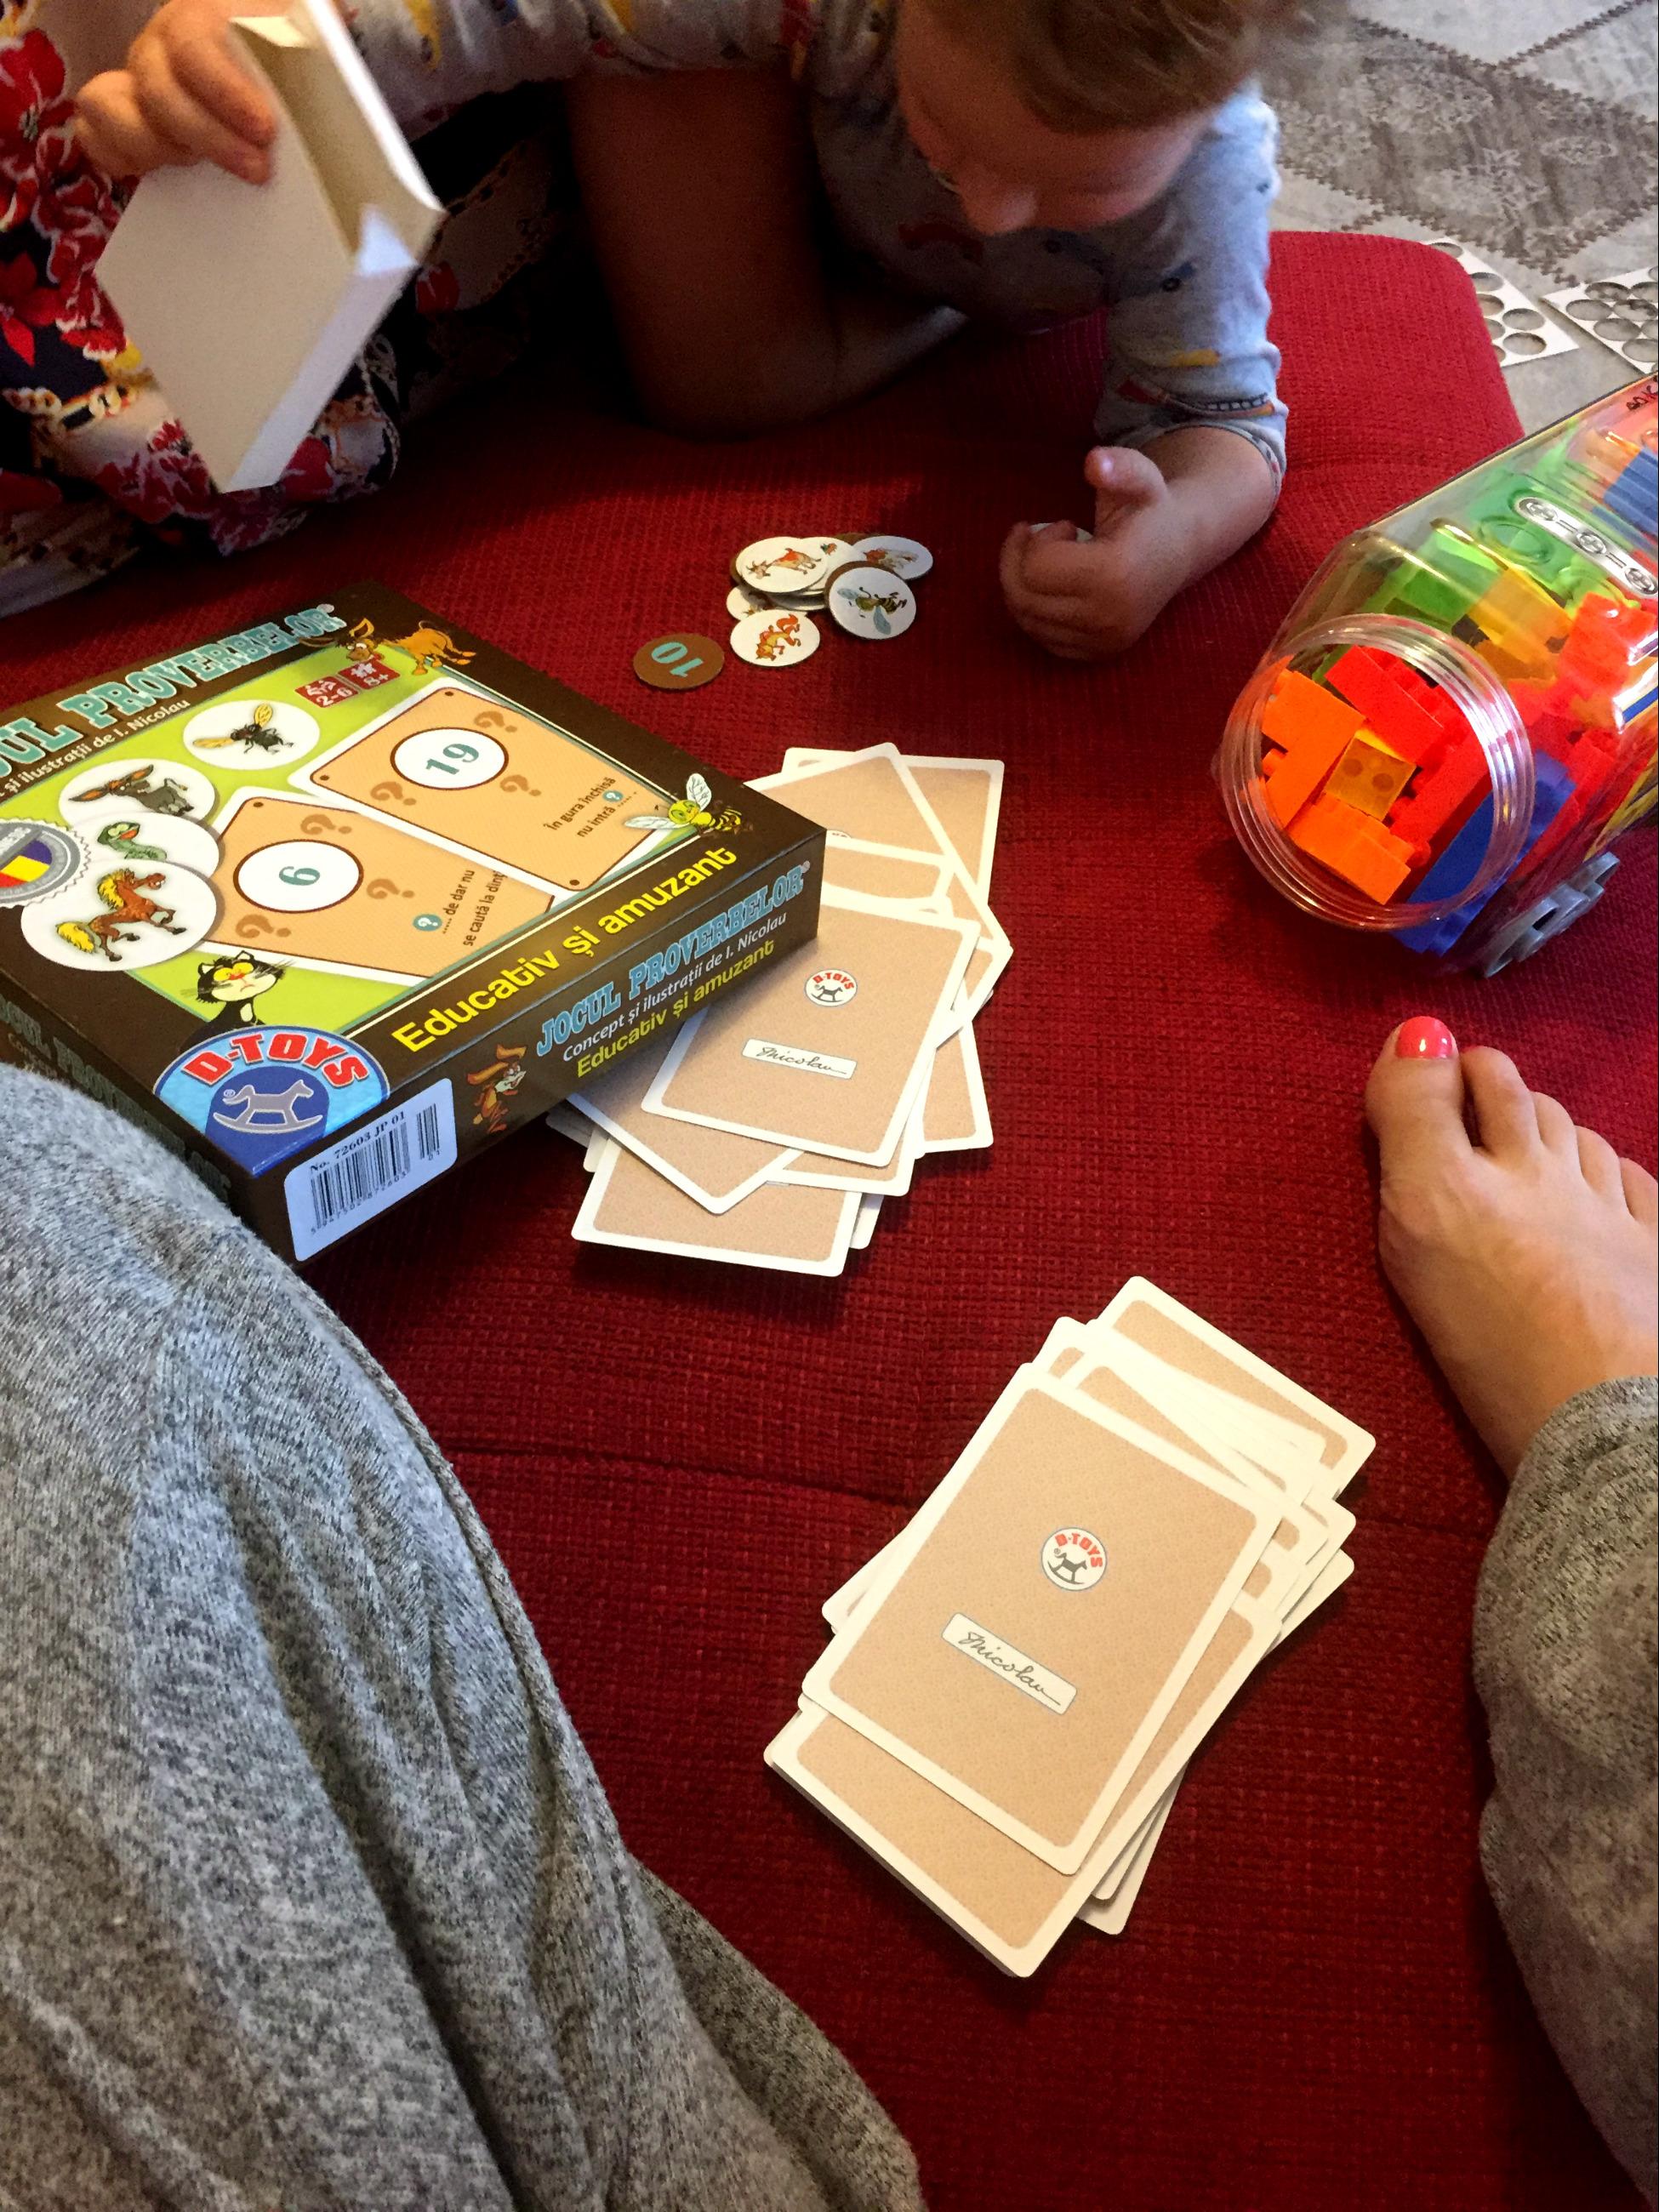 Jocuri în casă, timp de calitate cu copilul de 2-3 ani care se plictisește repede